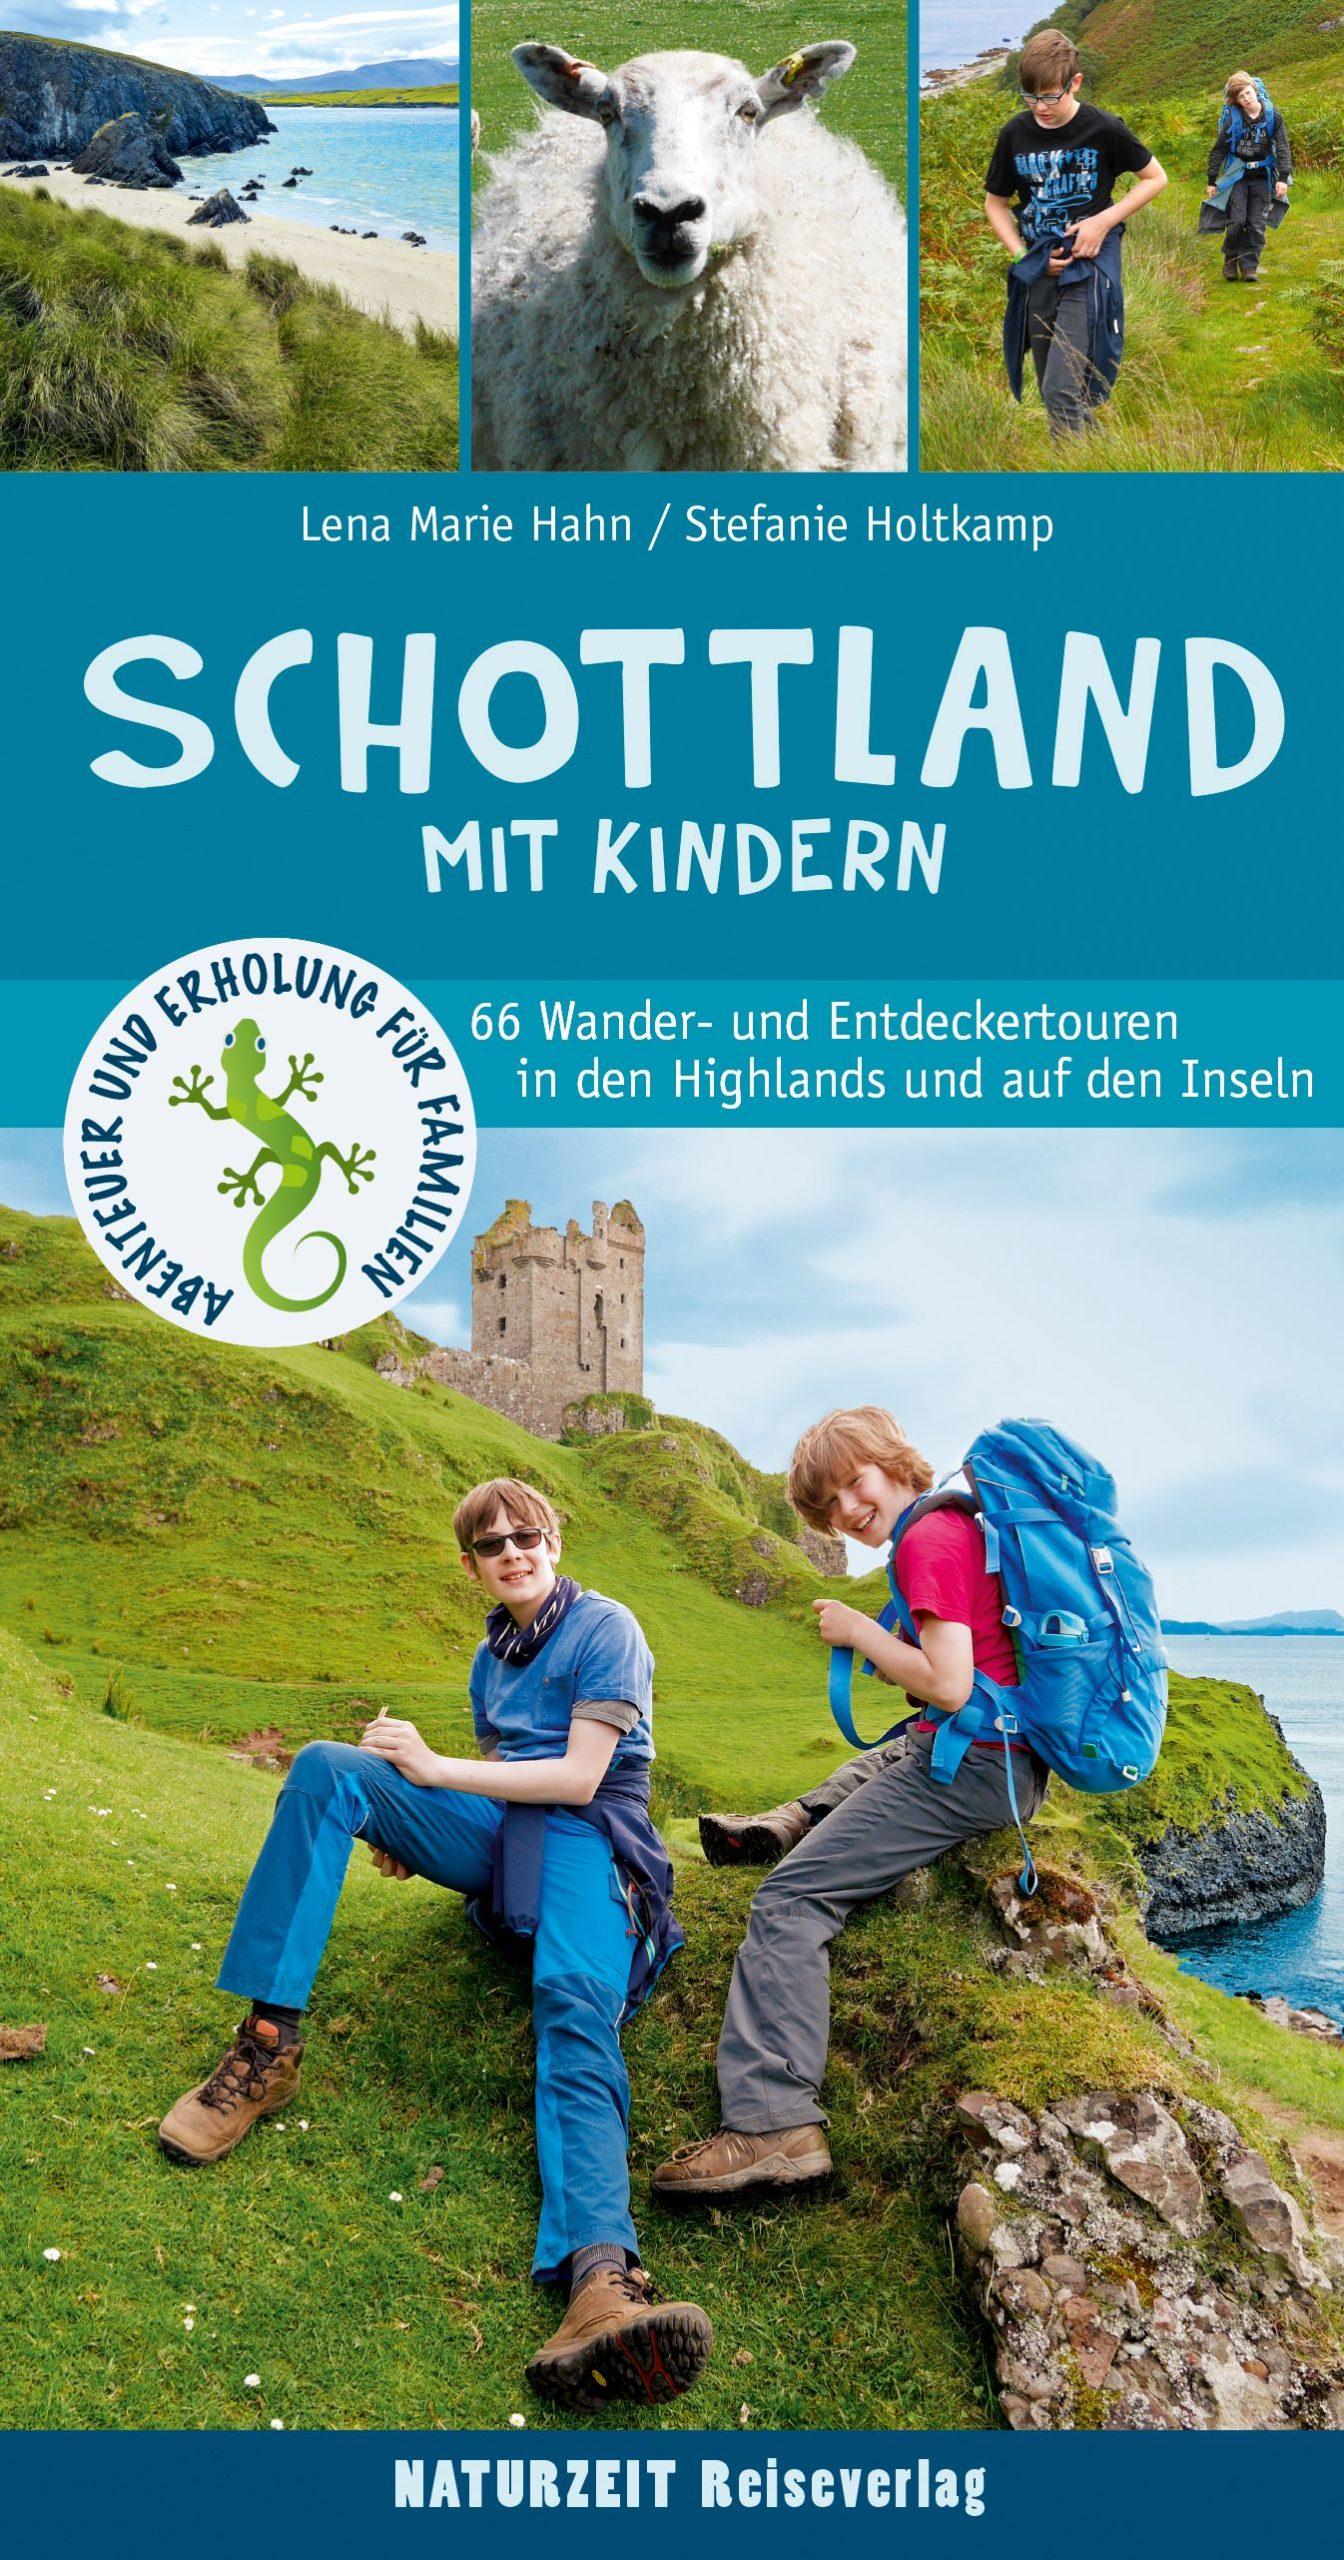 Schottland mit Kindern, Reiseführer für Familien